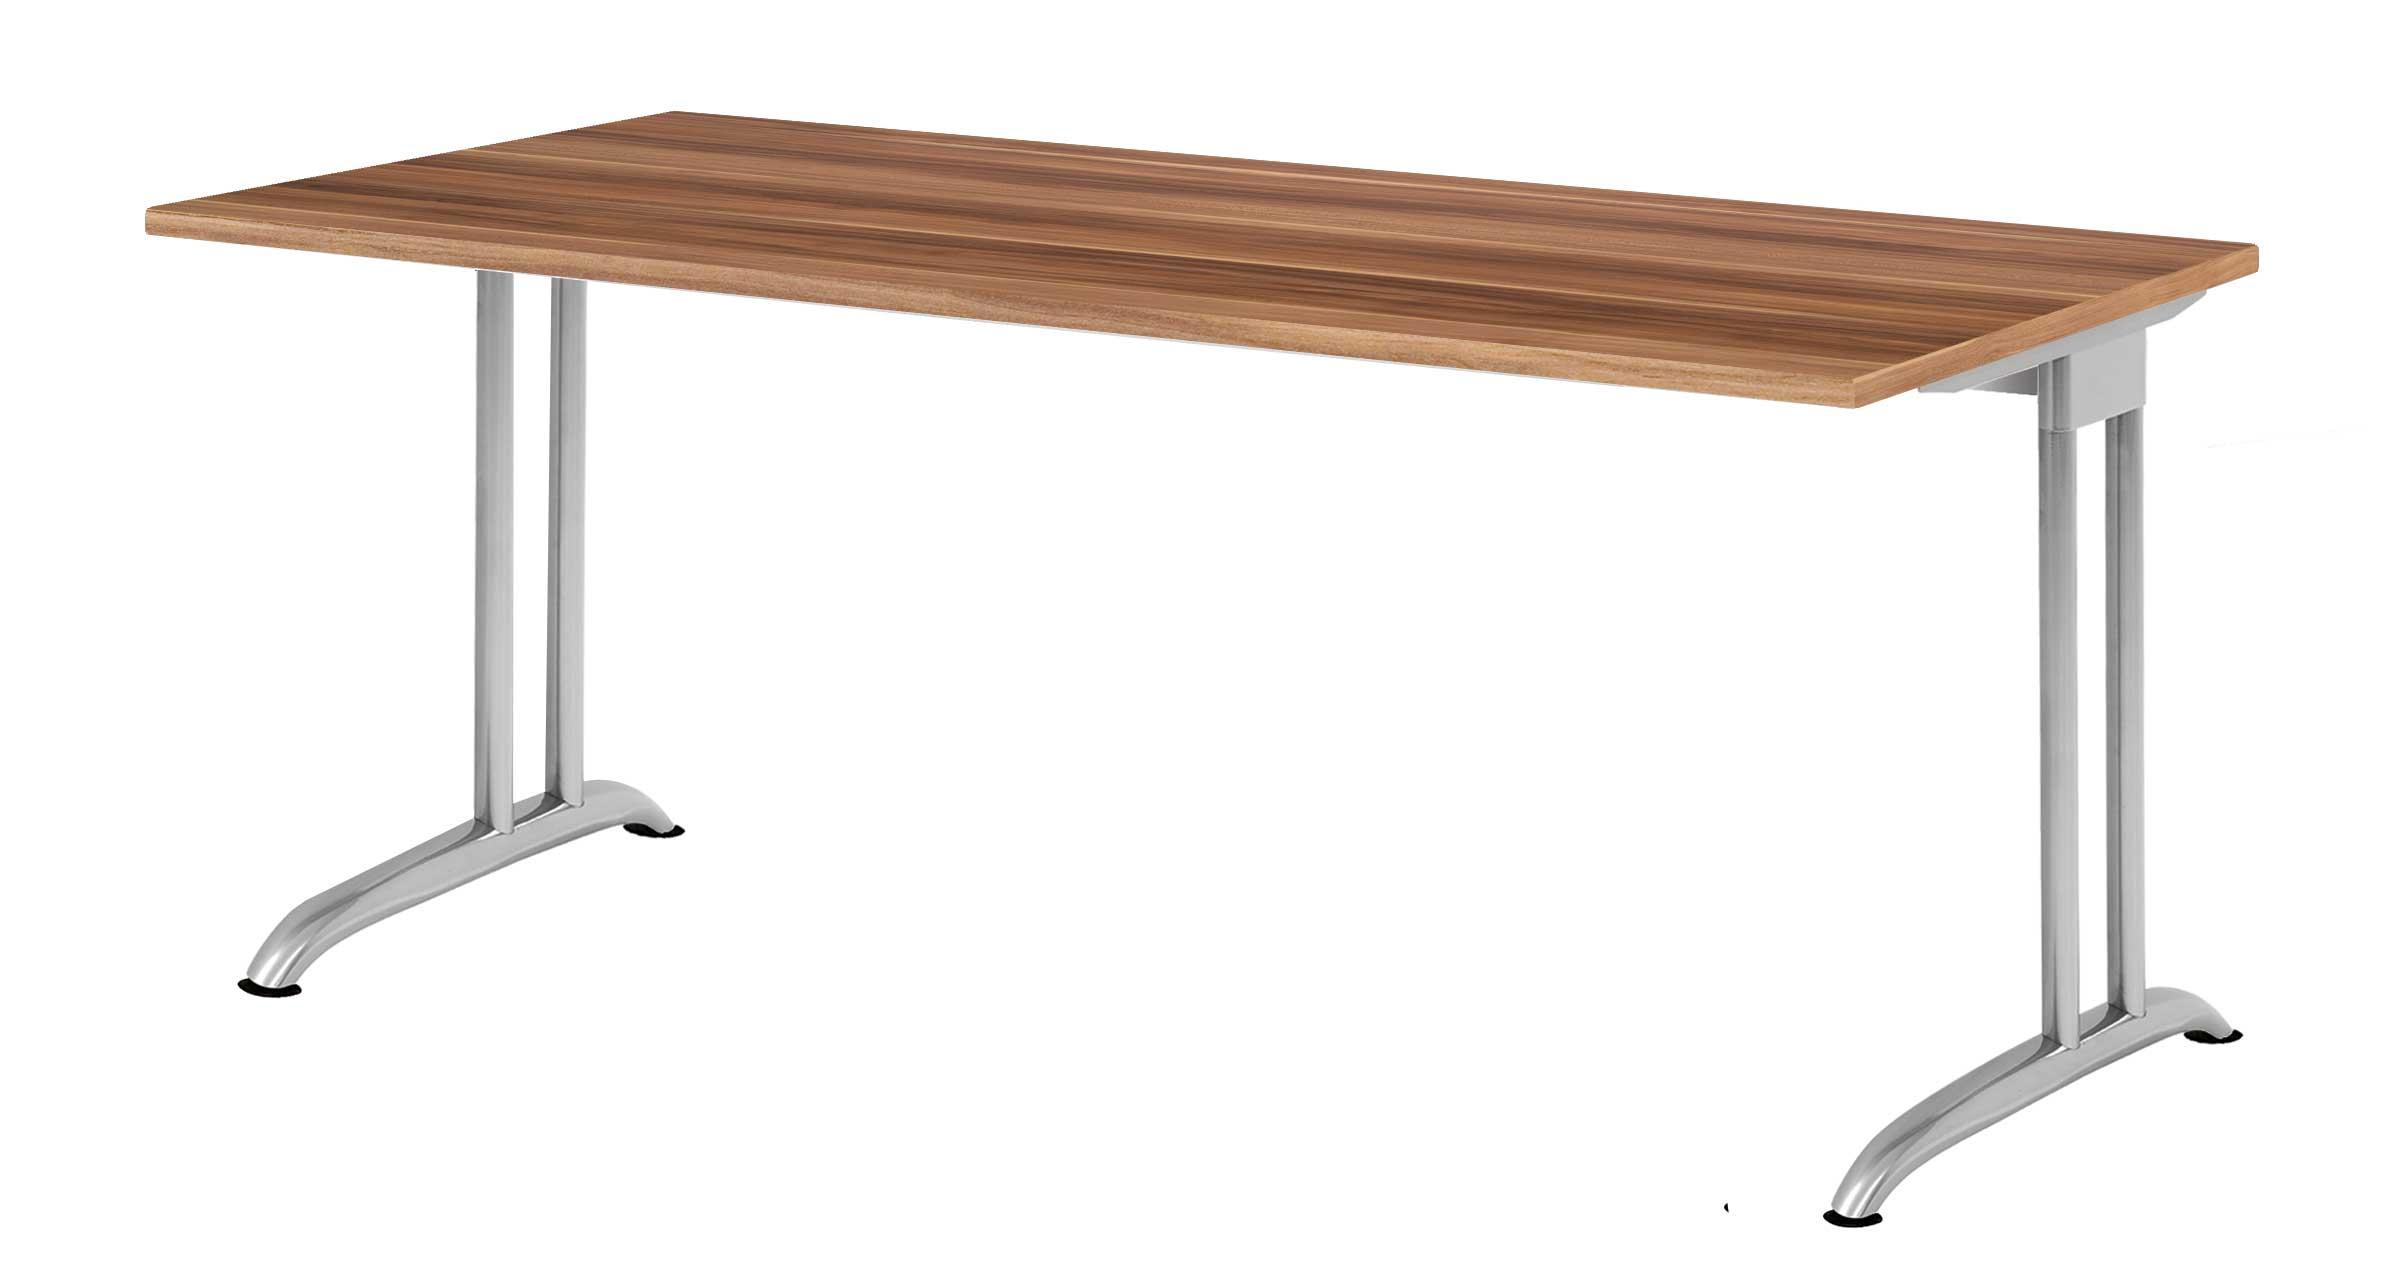 schreibtisch rechteckig 180x 80 cm bueromoebel. Black Bedroom Furniture Sets. Home Design Ideas